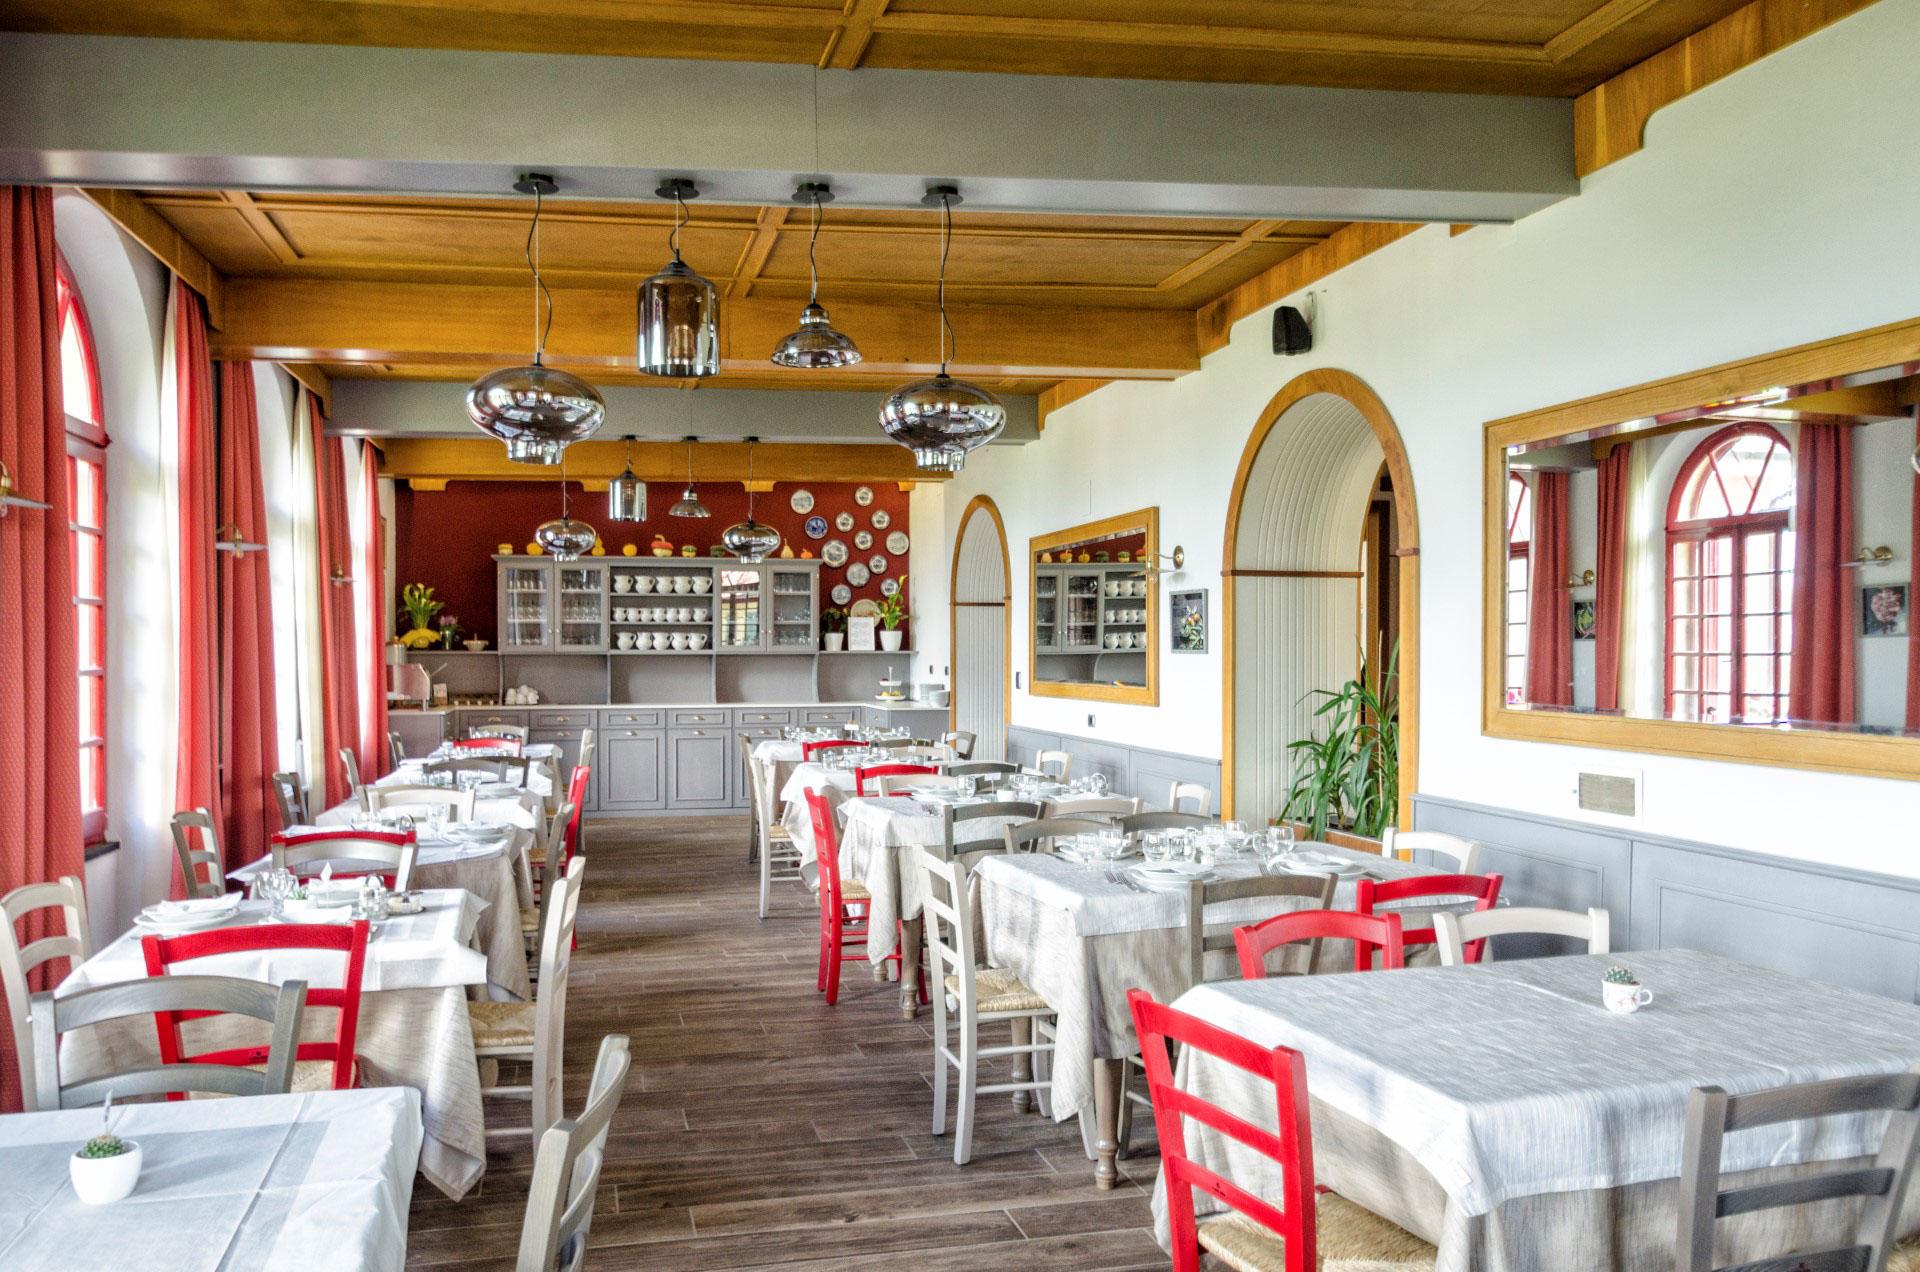 La Veranda Di Campagna albergo ristorante la veranda - tavarone di maissana la spezia